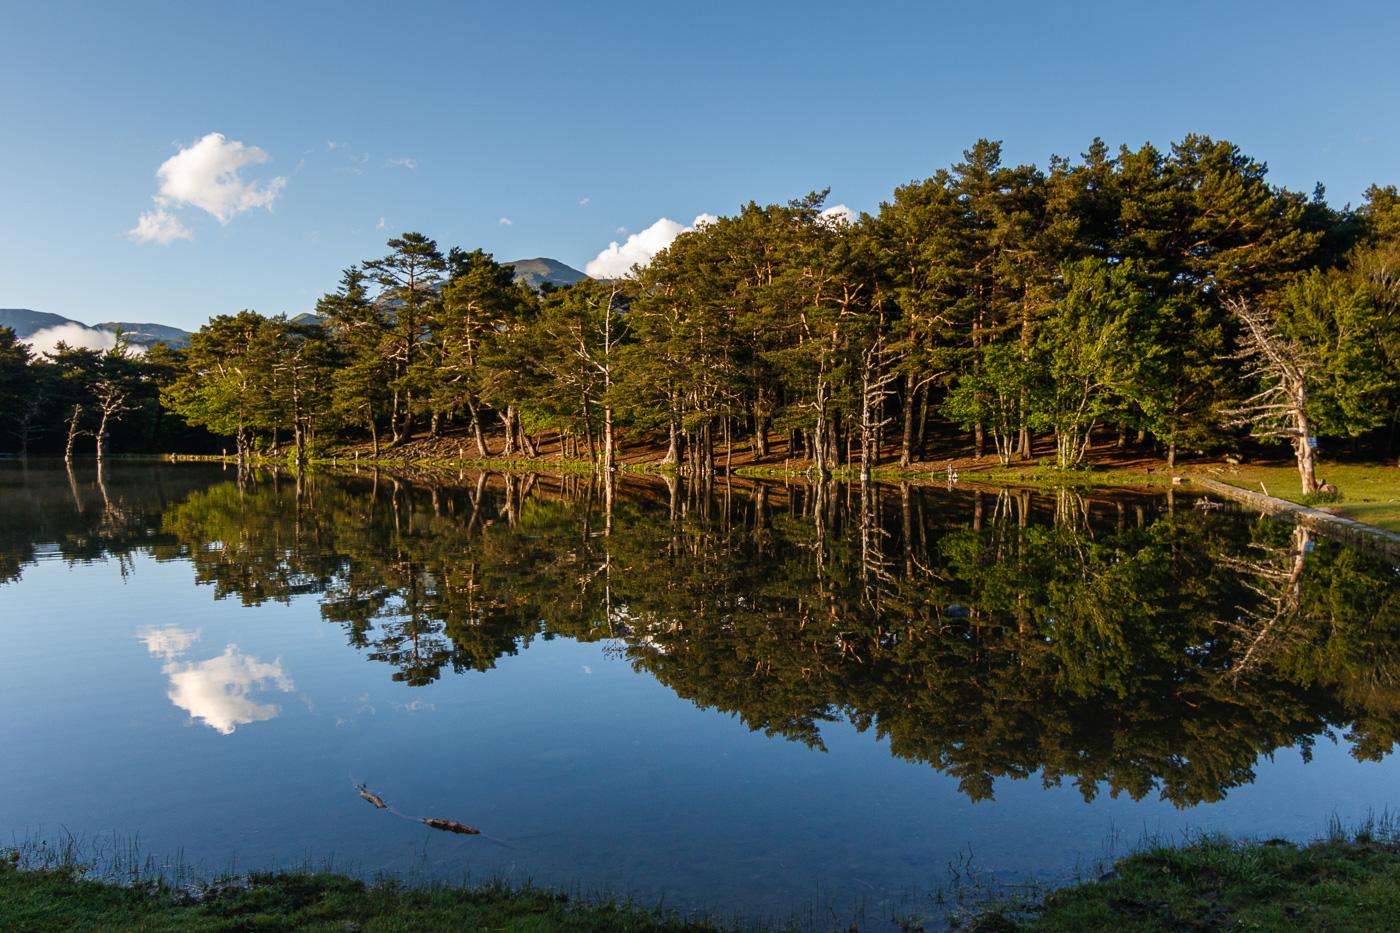 Simetria circular - Fotografies de paisatges - Raül Carmona - Fotografia, Fotografia d'estudi, esdeveniments i Natura